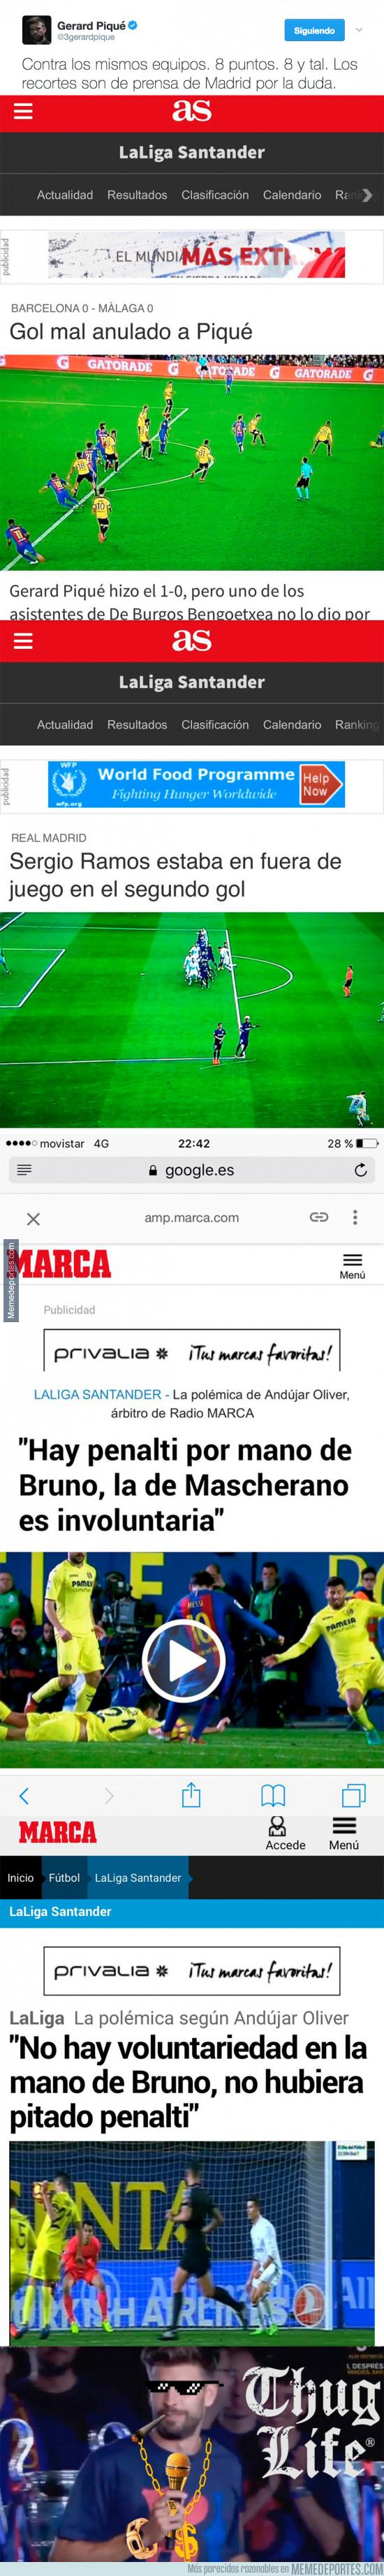 951904 - Piqué la lía en Twitter subiendo la diferencia arbitral entre Barça y Real Madrid según la prensa